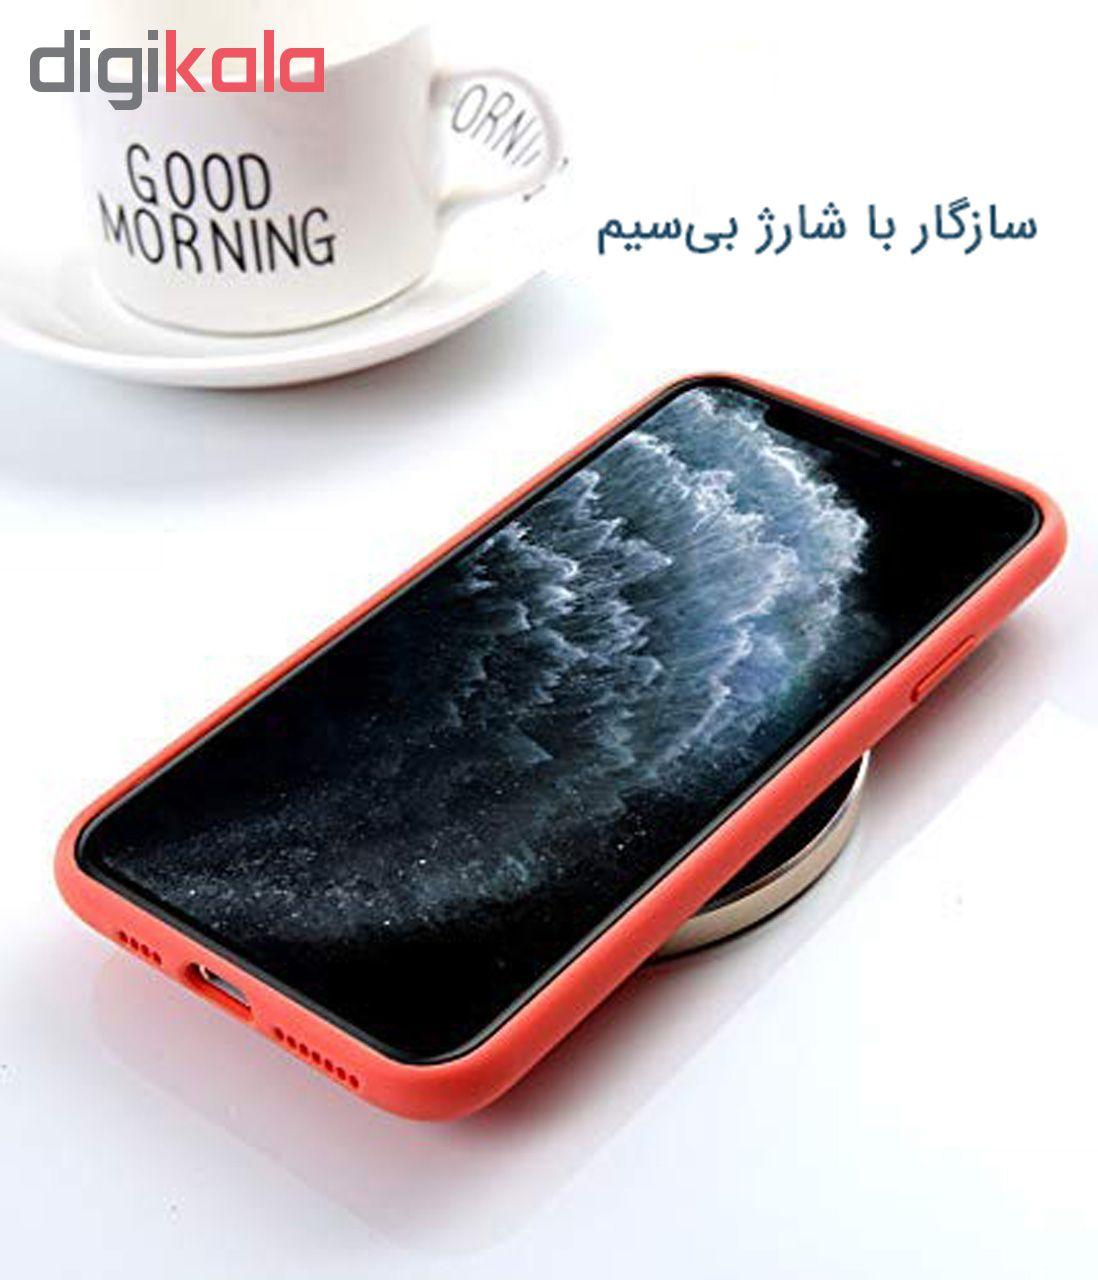 کاور وی کیس مدل Si01 مناسب برای گوشی موبایل اپل iPhone 7/8 main 1 7